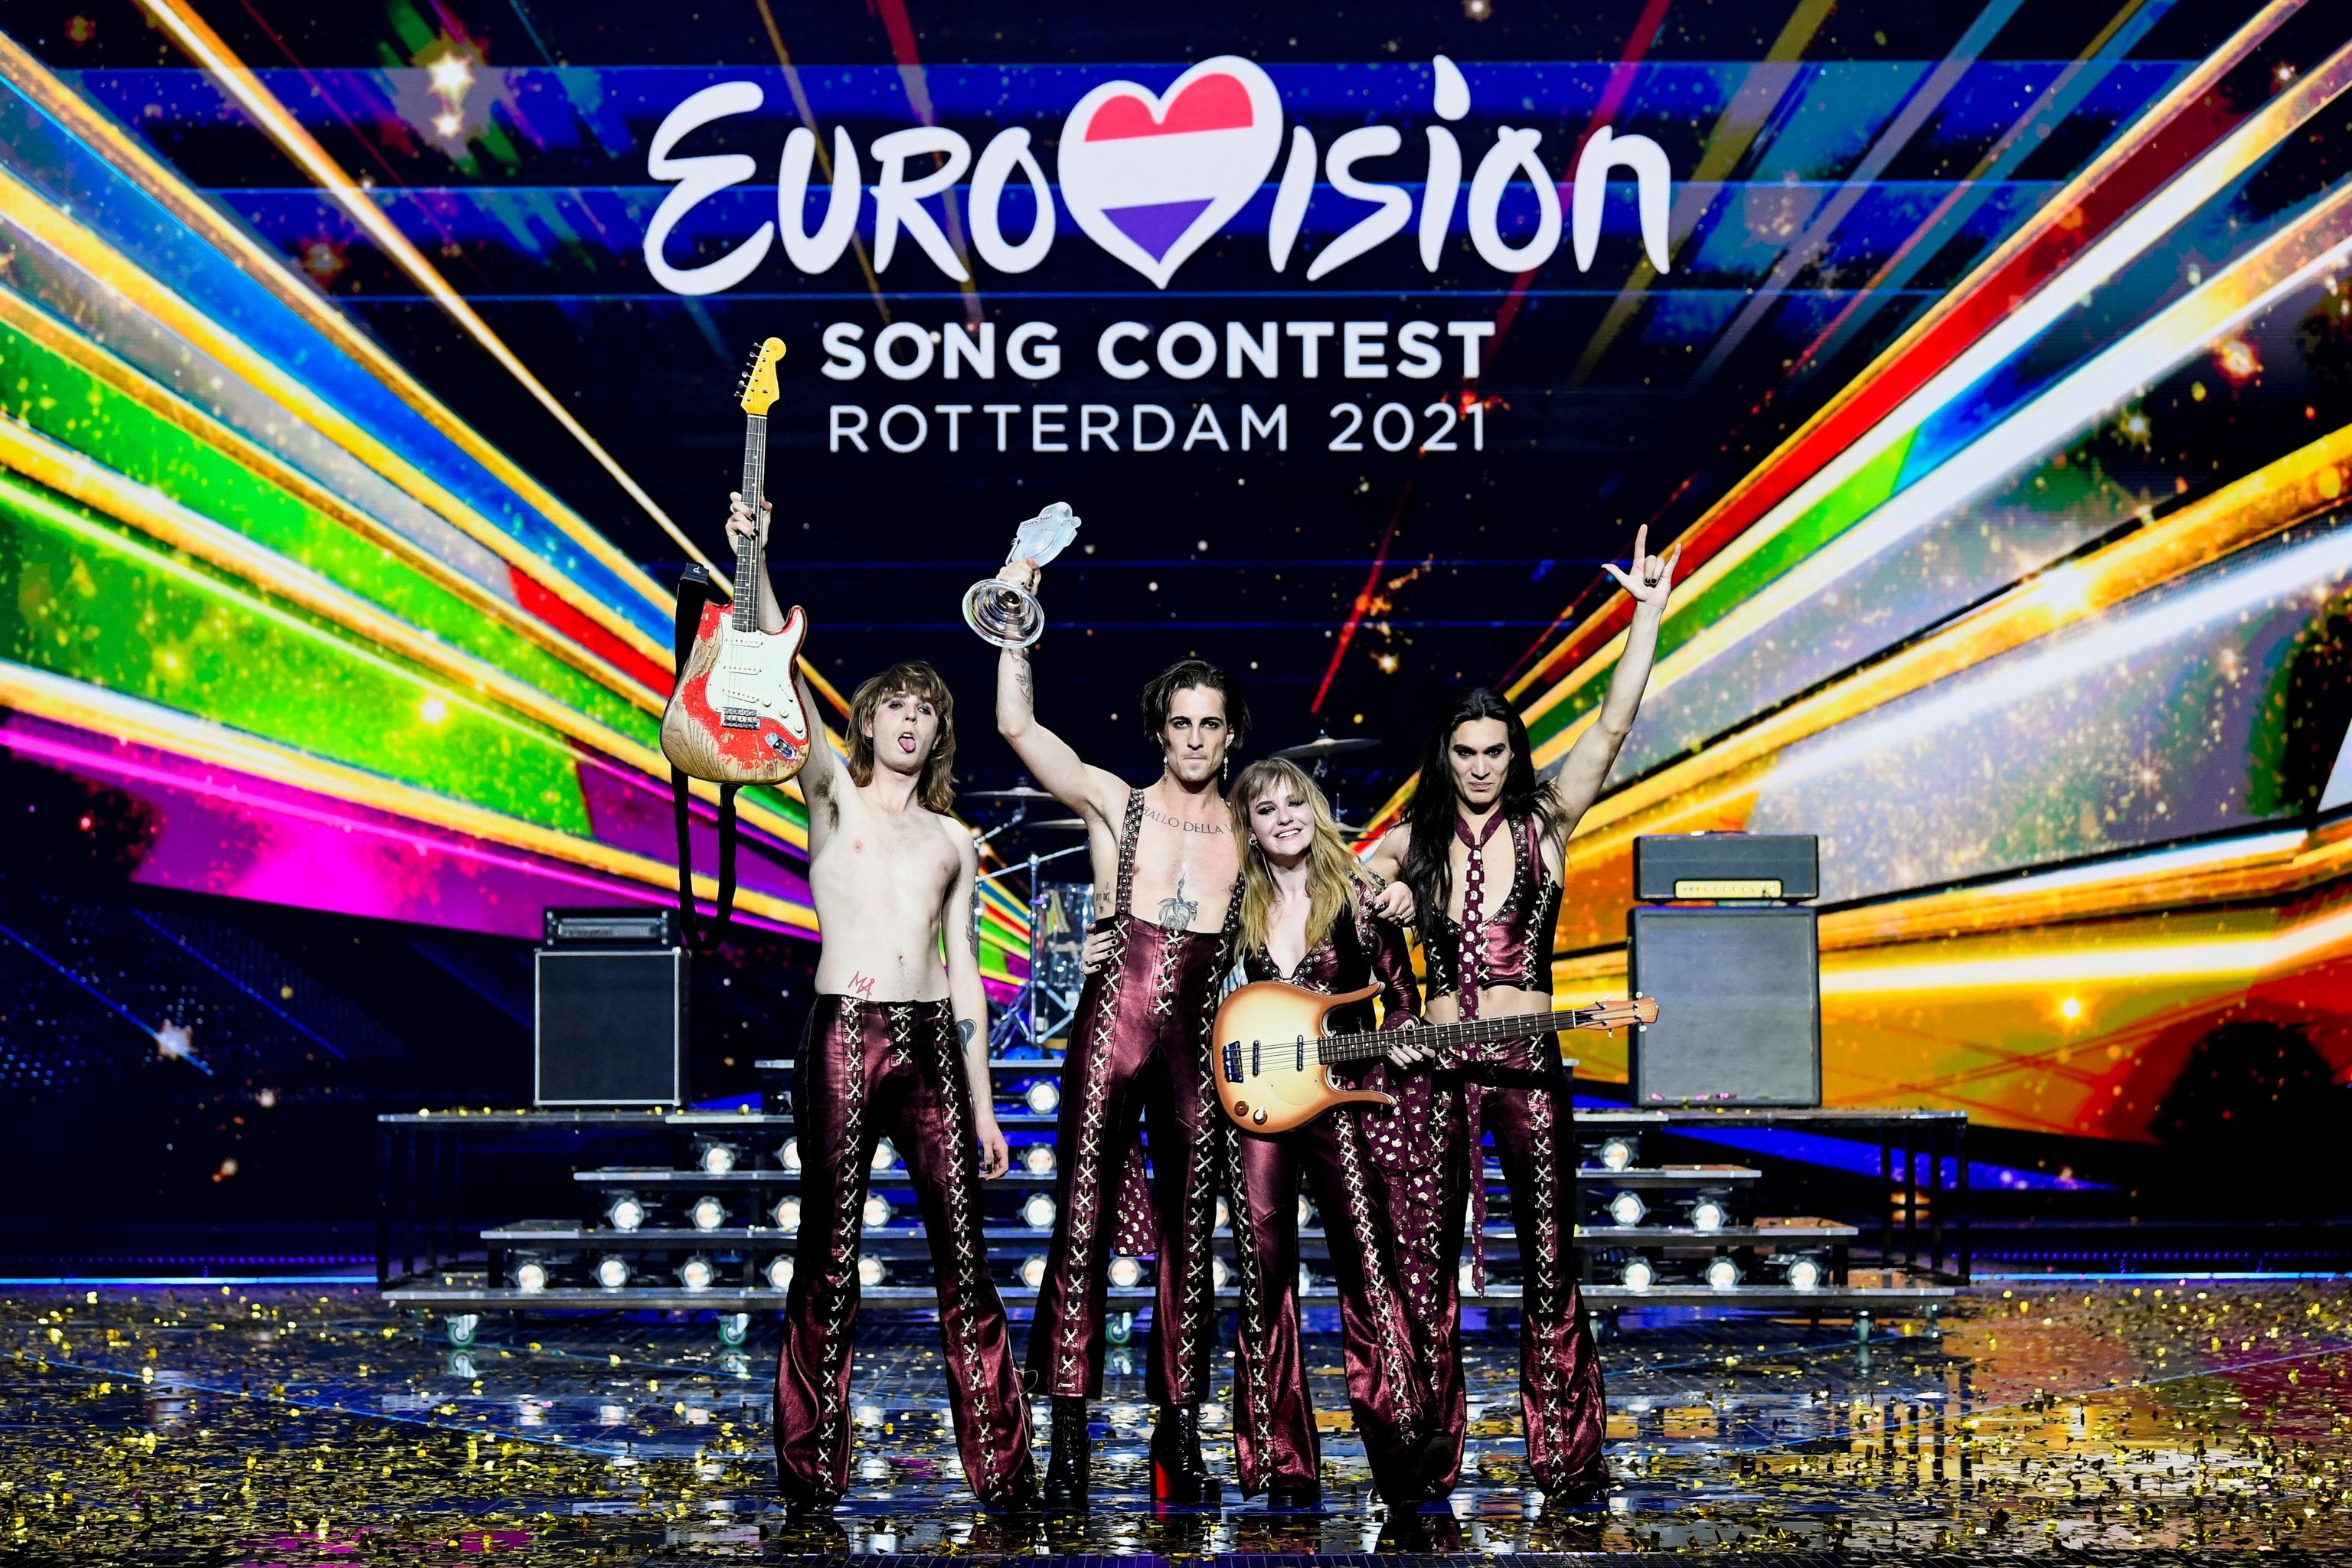 El grupo italianode rock Maneskin, tras su victoria en el festival de Eurovisión celebrado en Rotterdam 2021.